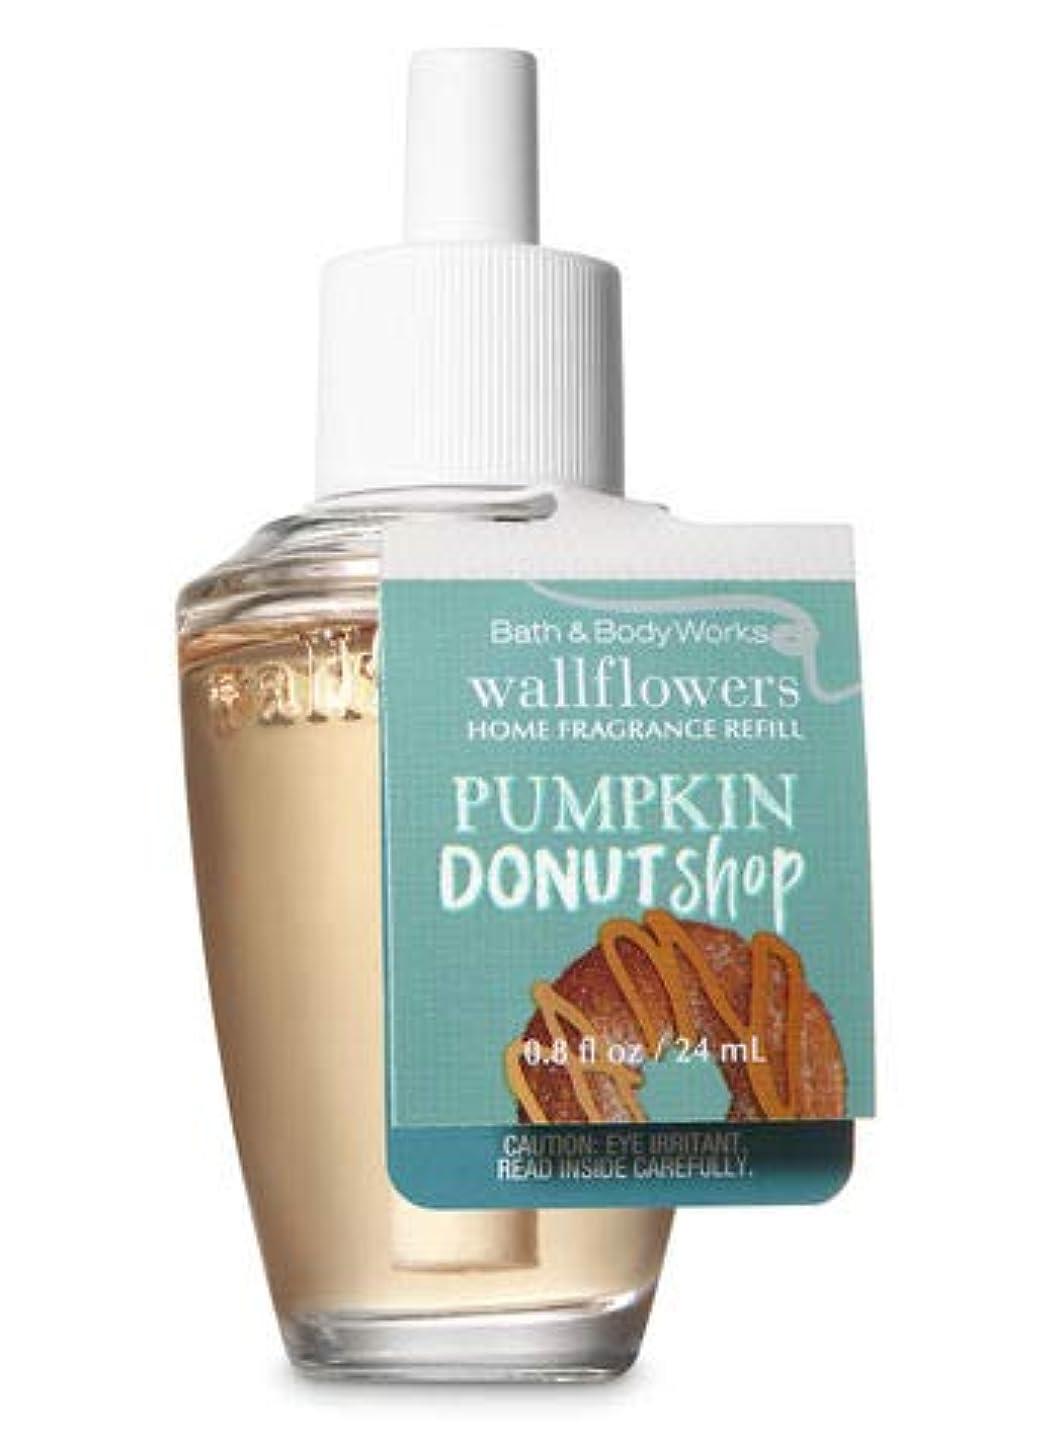 仕出します対角線位置づける【Bath&Body Works/バス&ボディワークス】 ルームフレグランス 詰替えリフィル パンプキンドーナツショップ Wallflowers Home Fragrance Refill Pumpkin Donut Shop [並行輸入品]